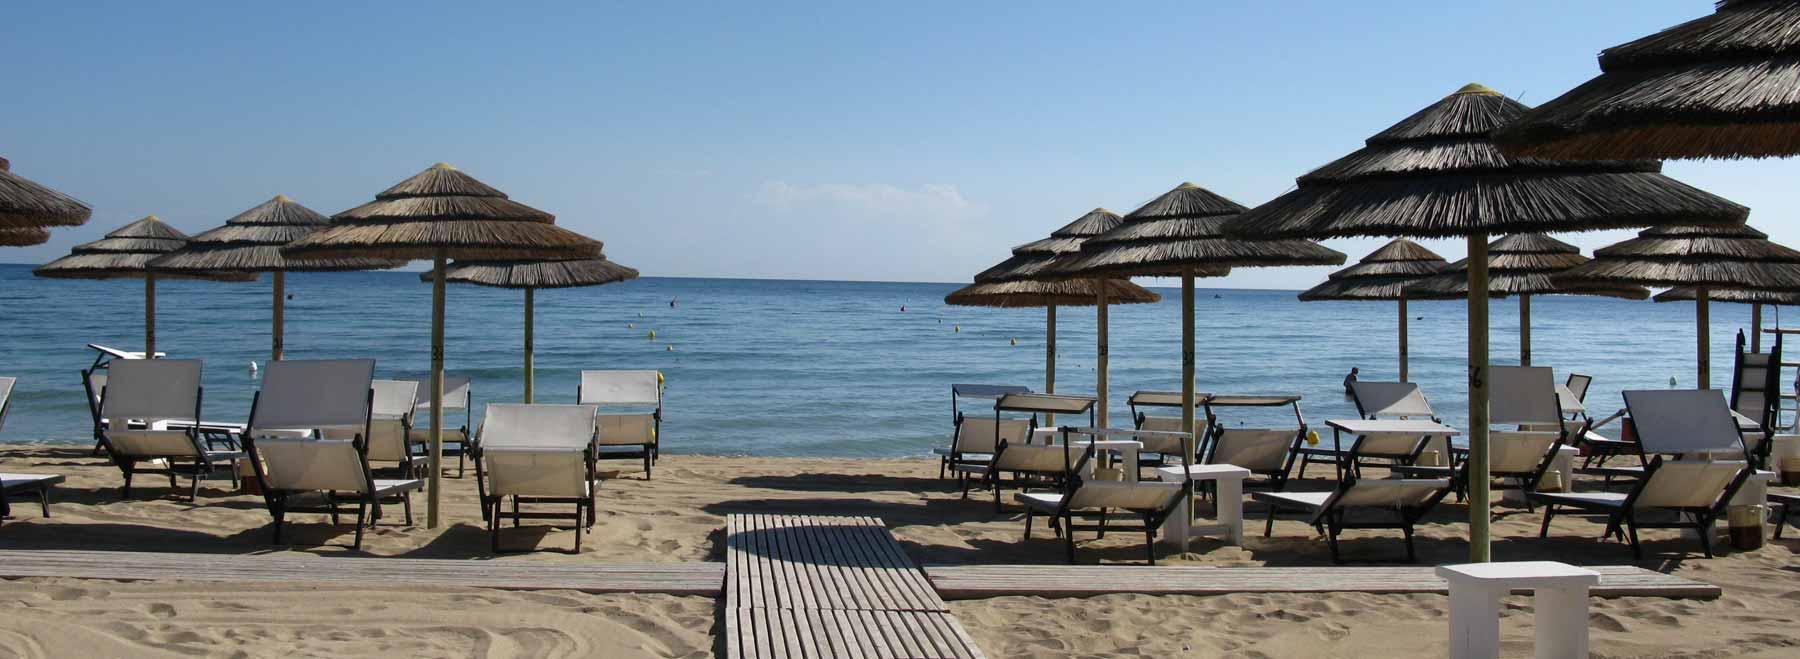 Coccaro beach, Puglia